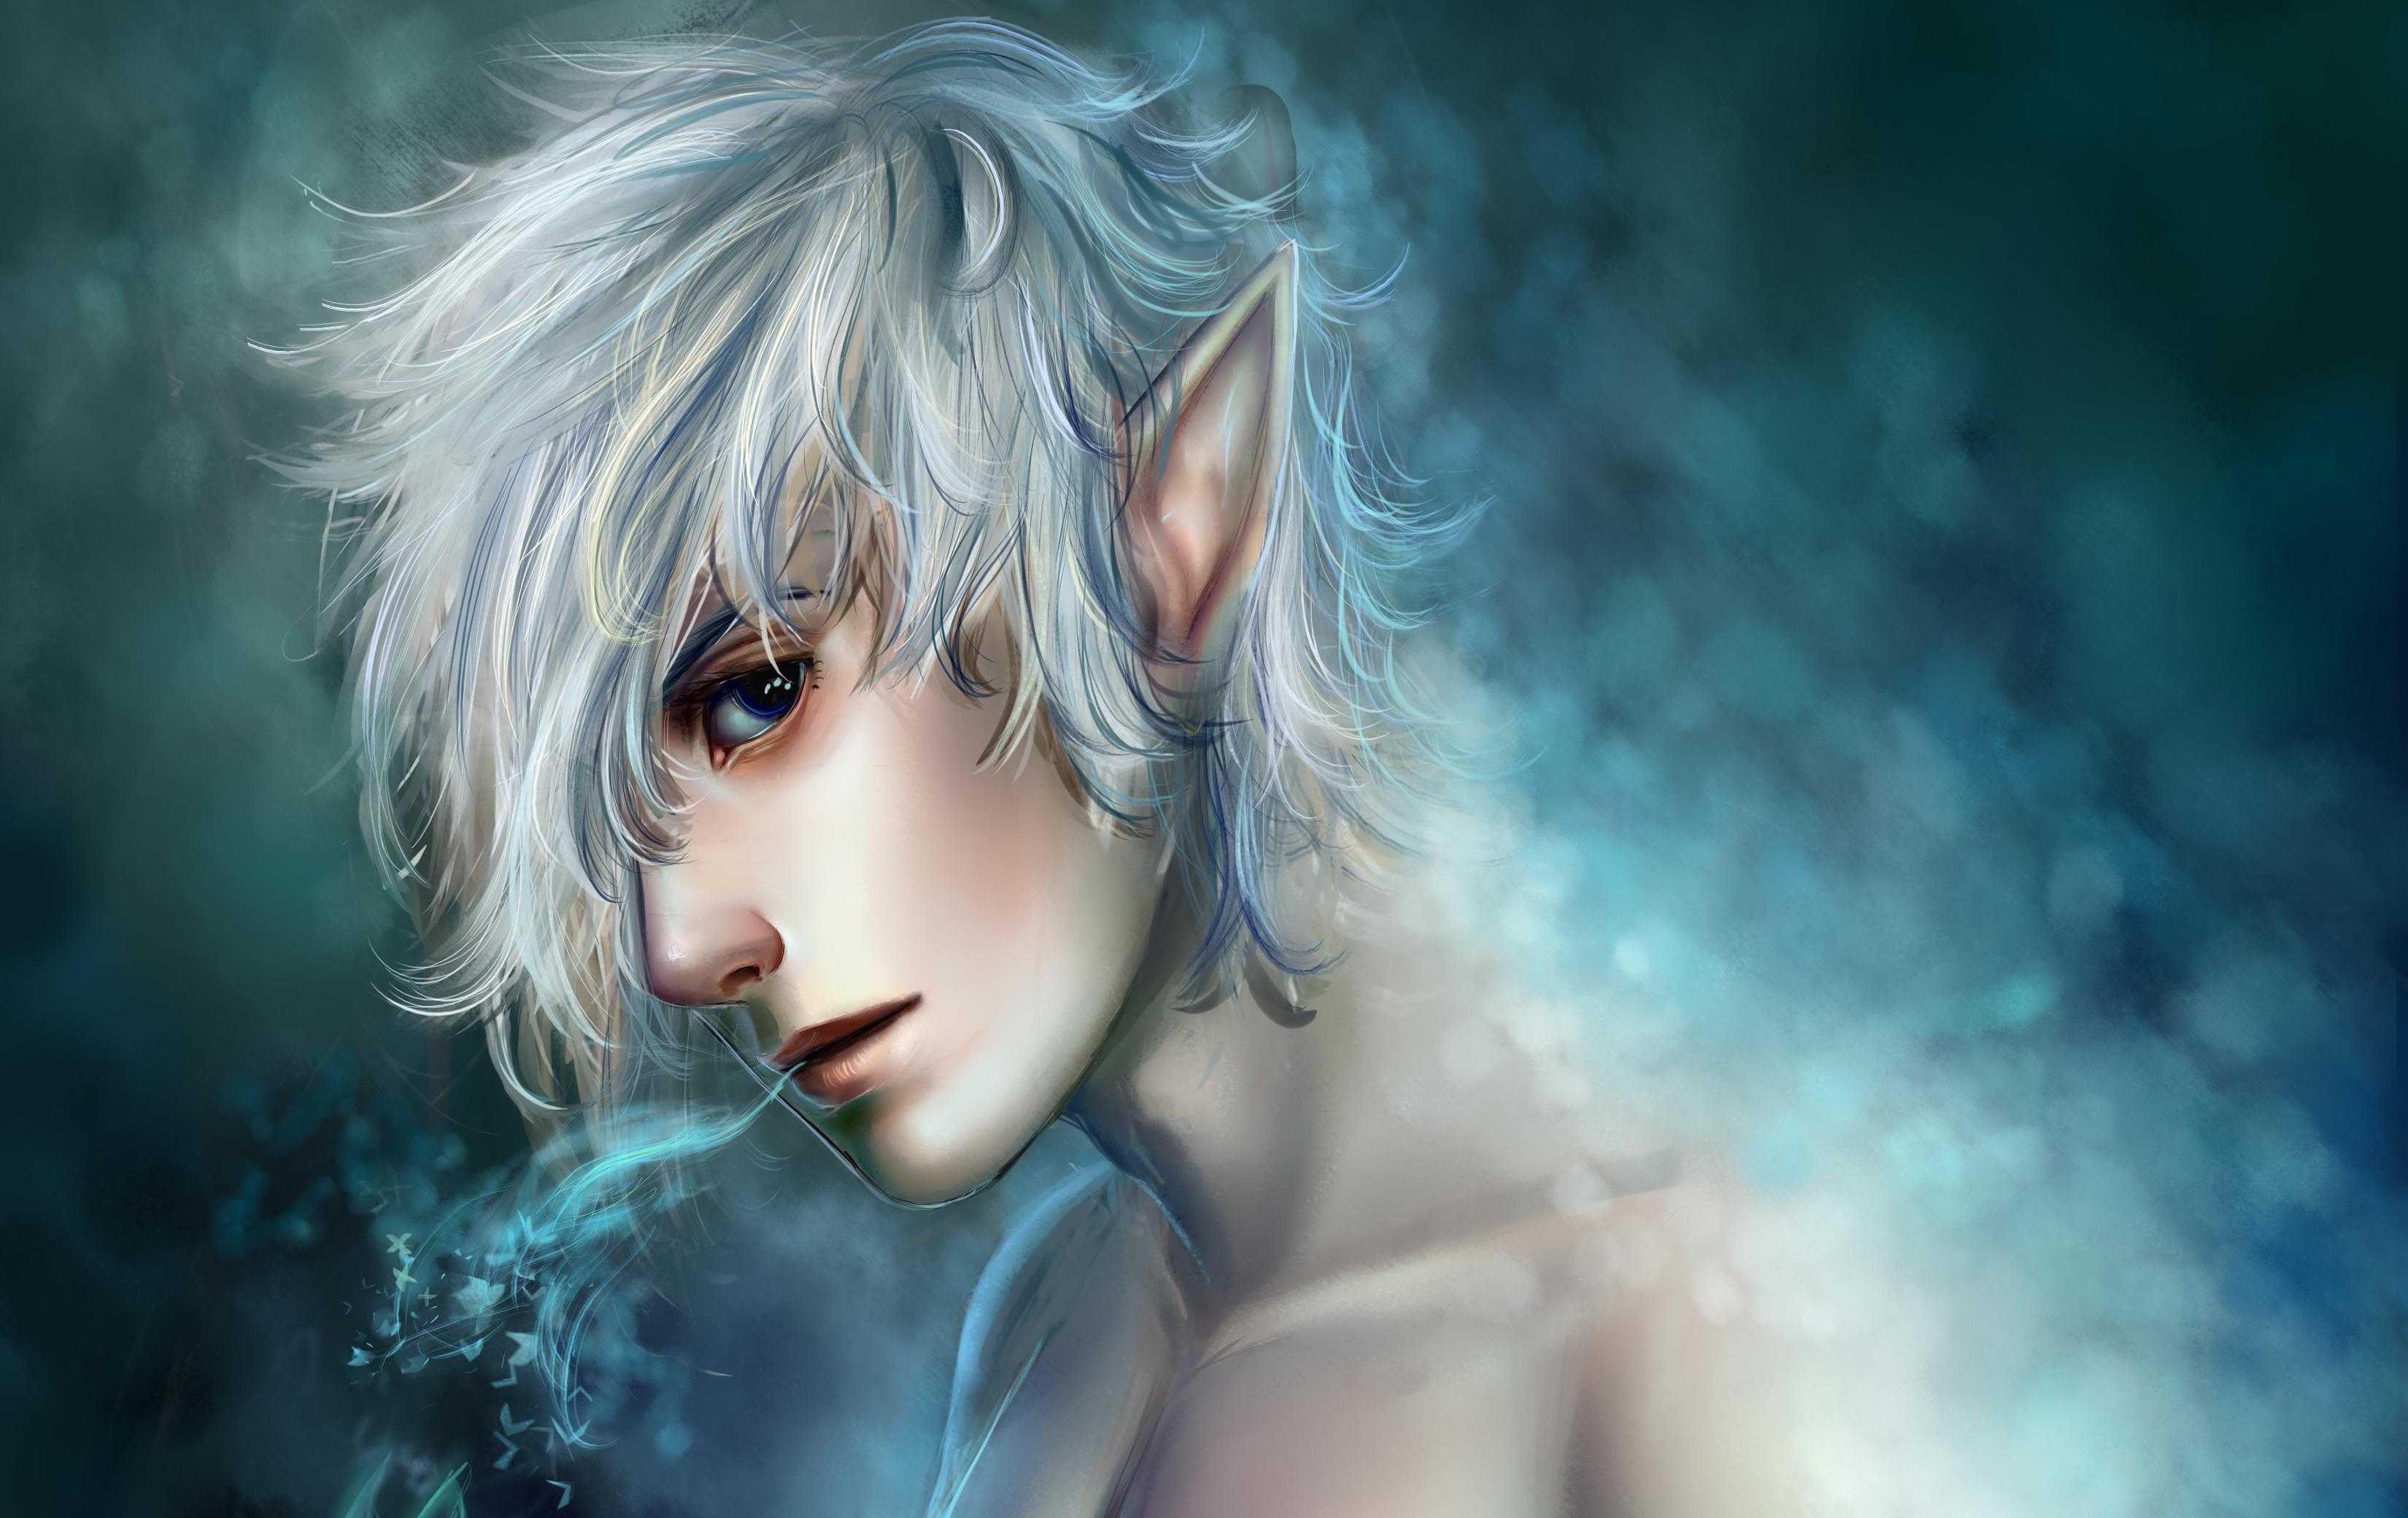 Fantasy Art Elves Wallpapers Hd Desktop And Mobile: Background Image